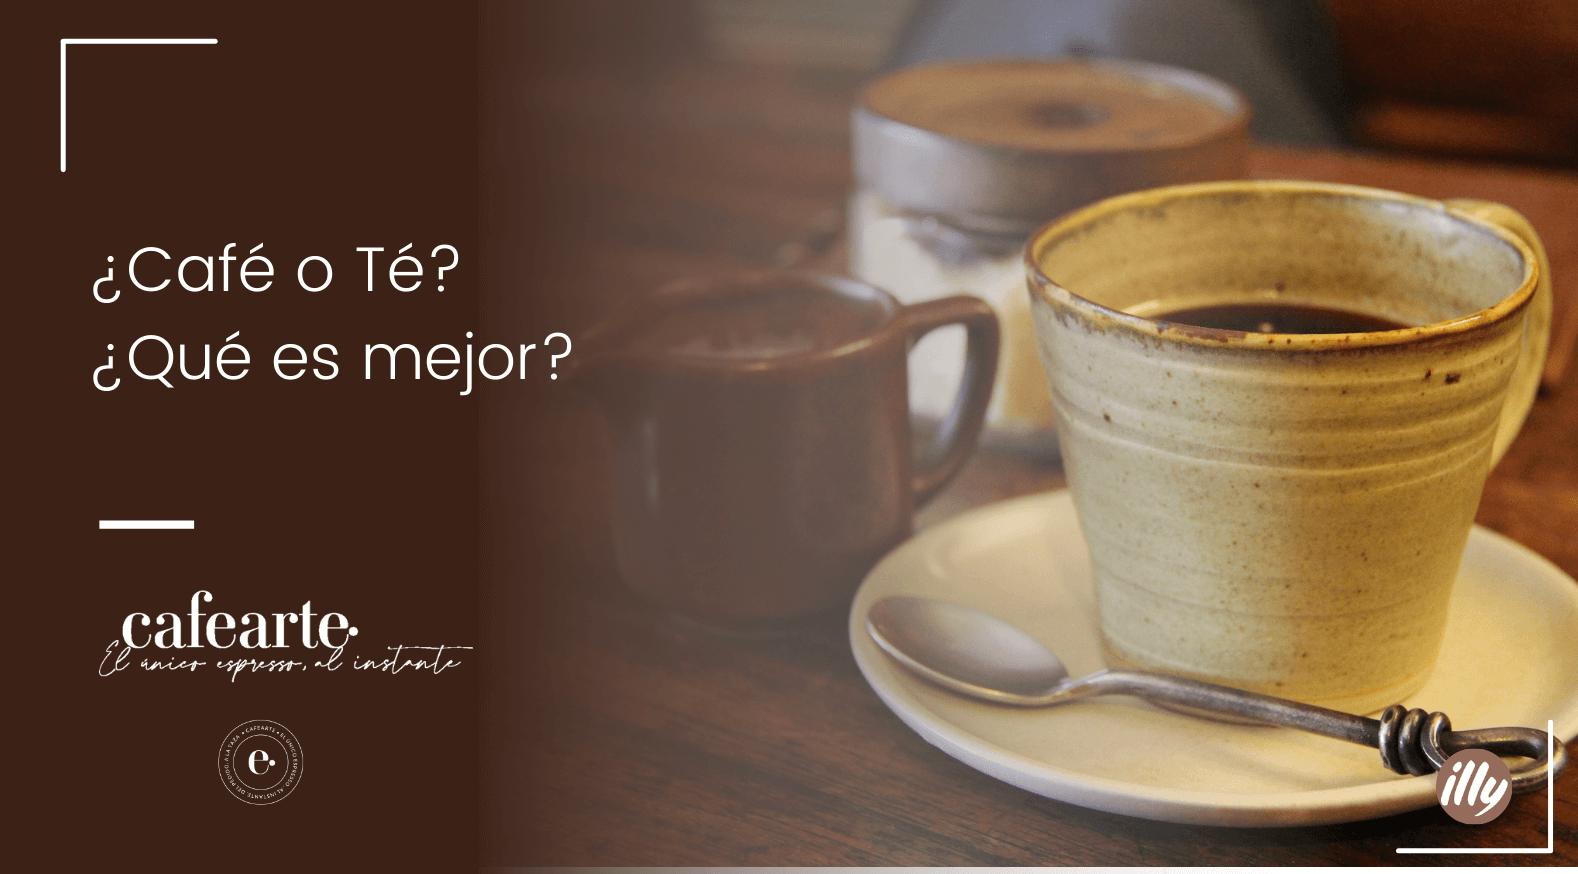 cafe o te que es mejor